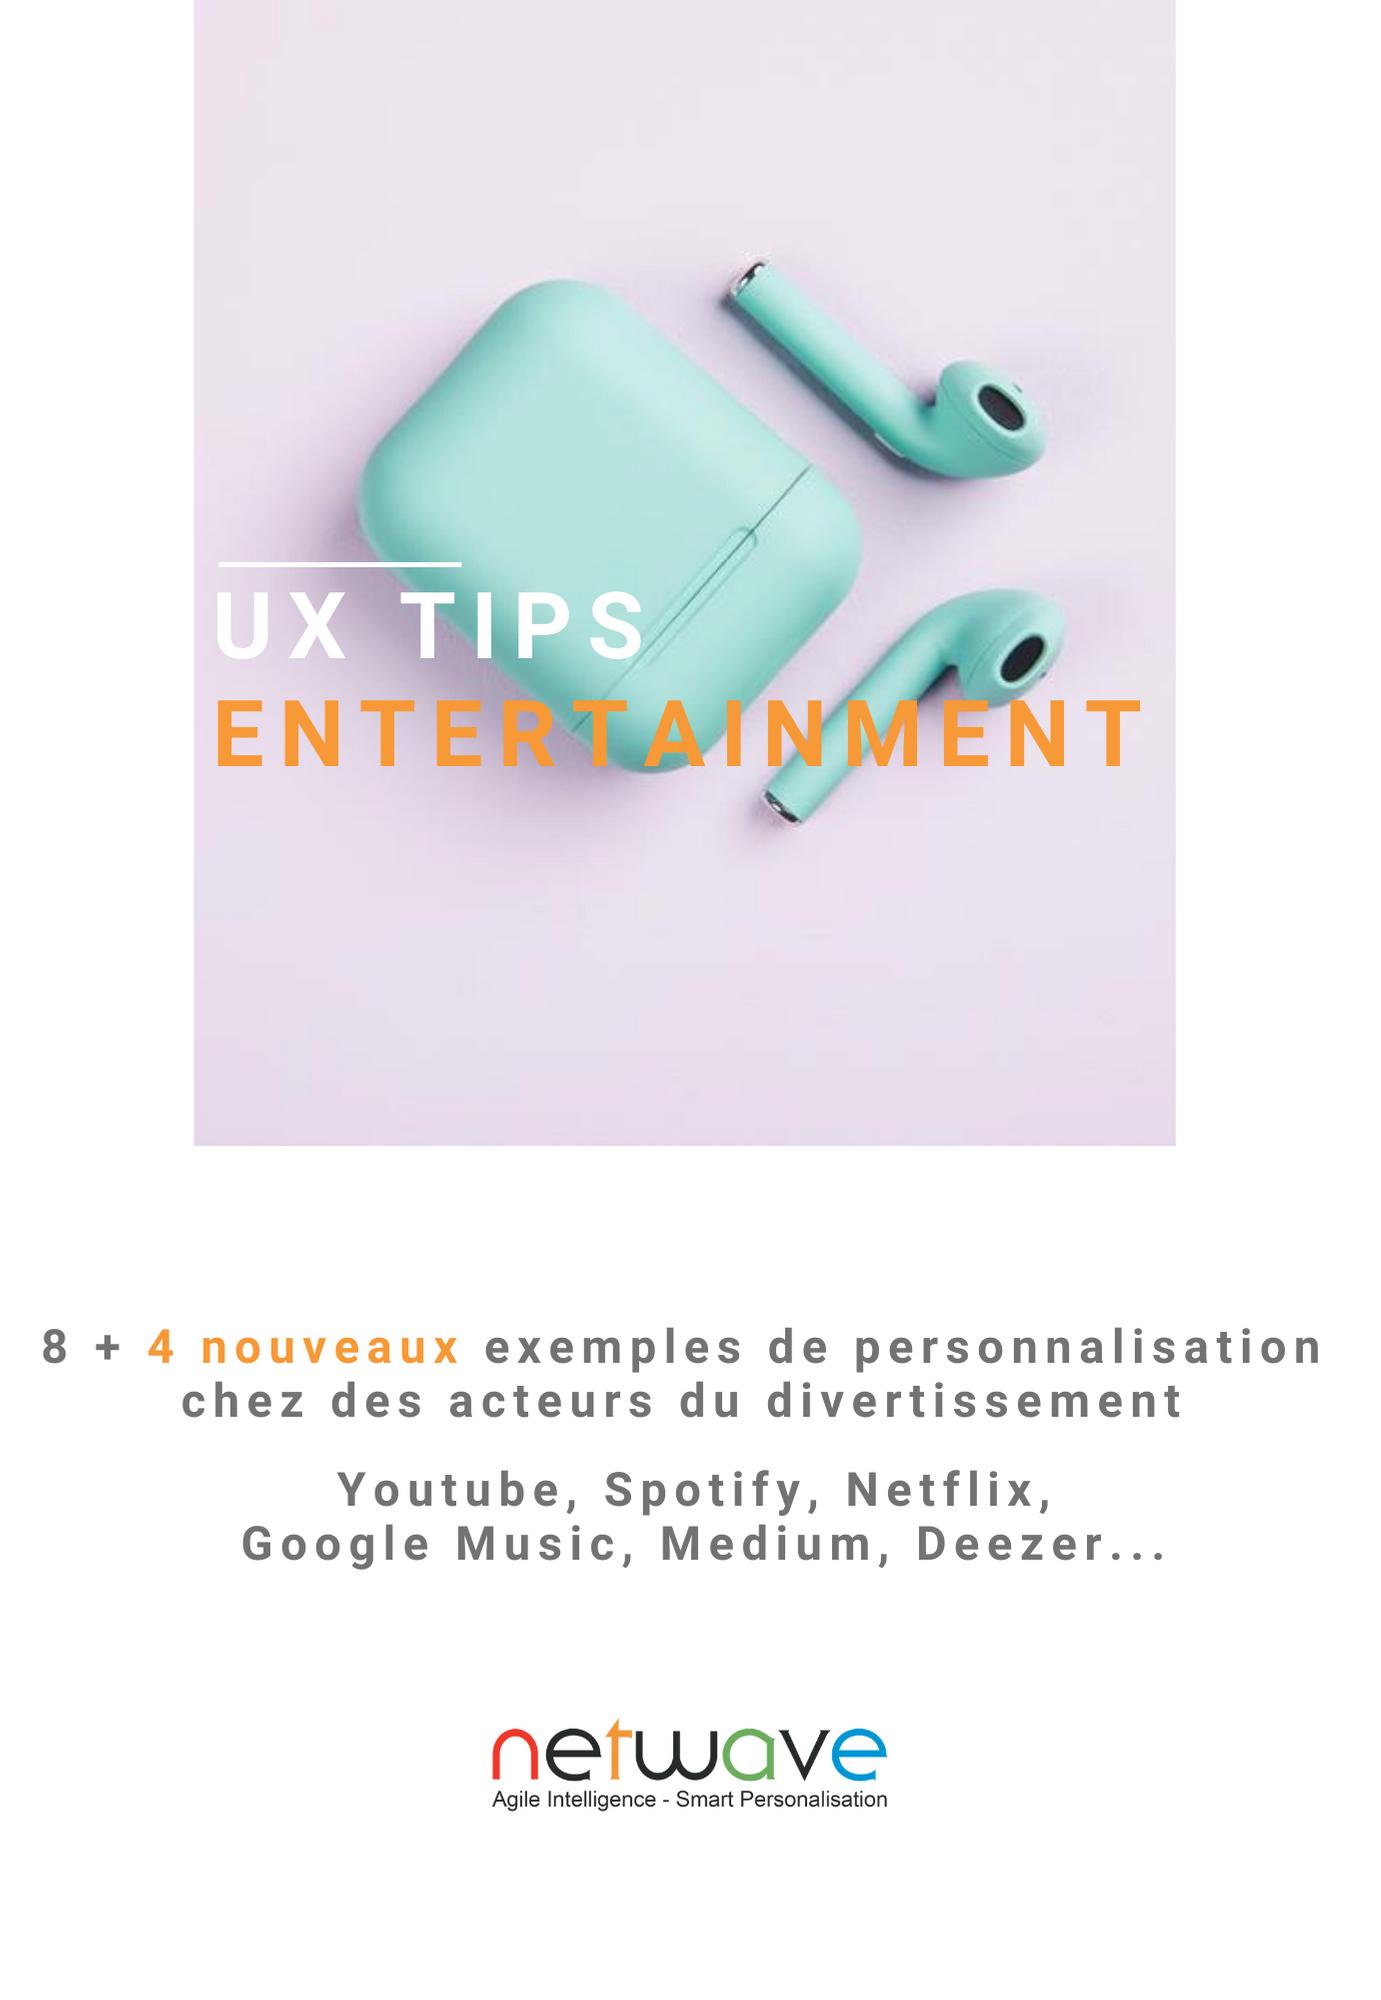 Livre-blanc-ux-entertainment-2020-personnalisation-ecommerce-netwave (2)